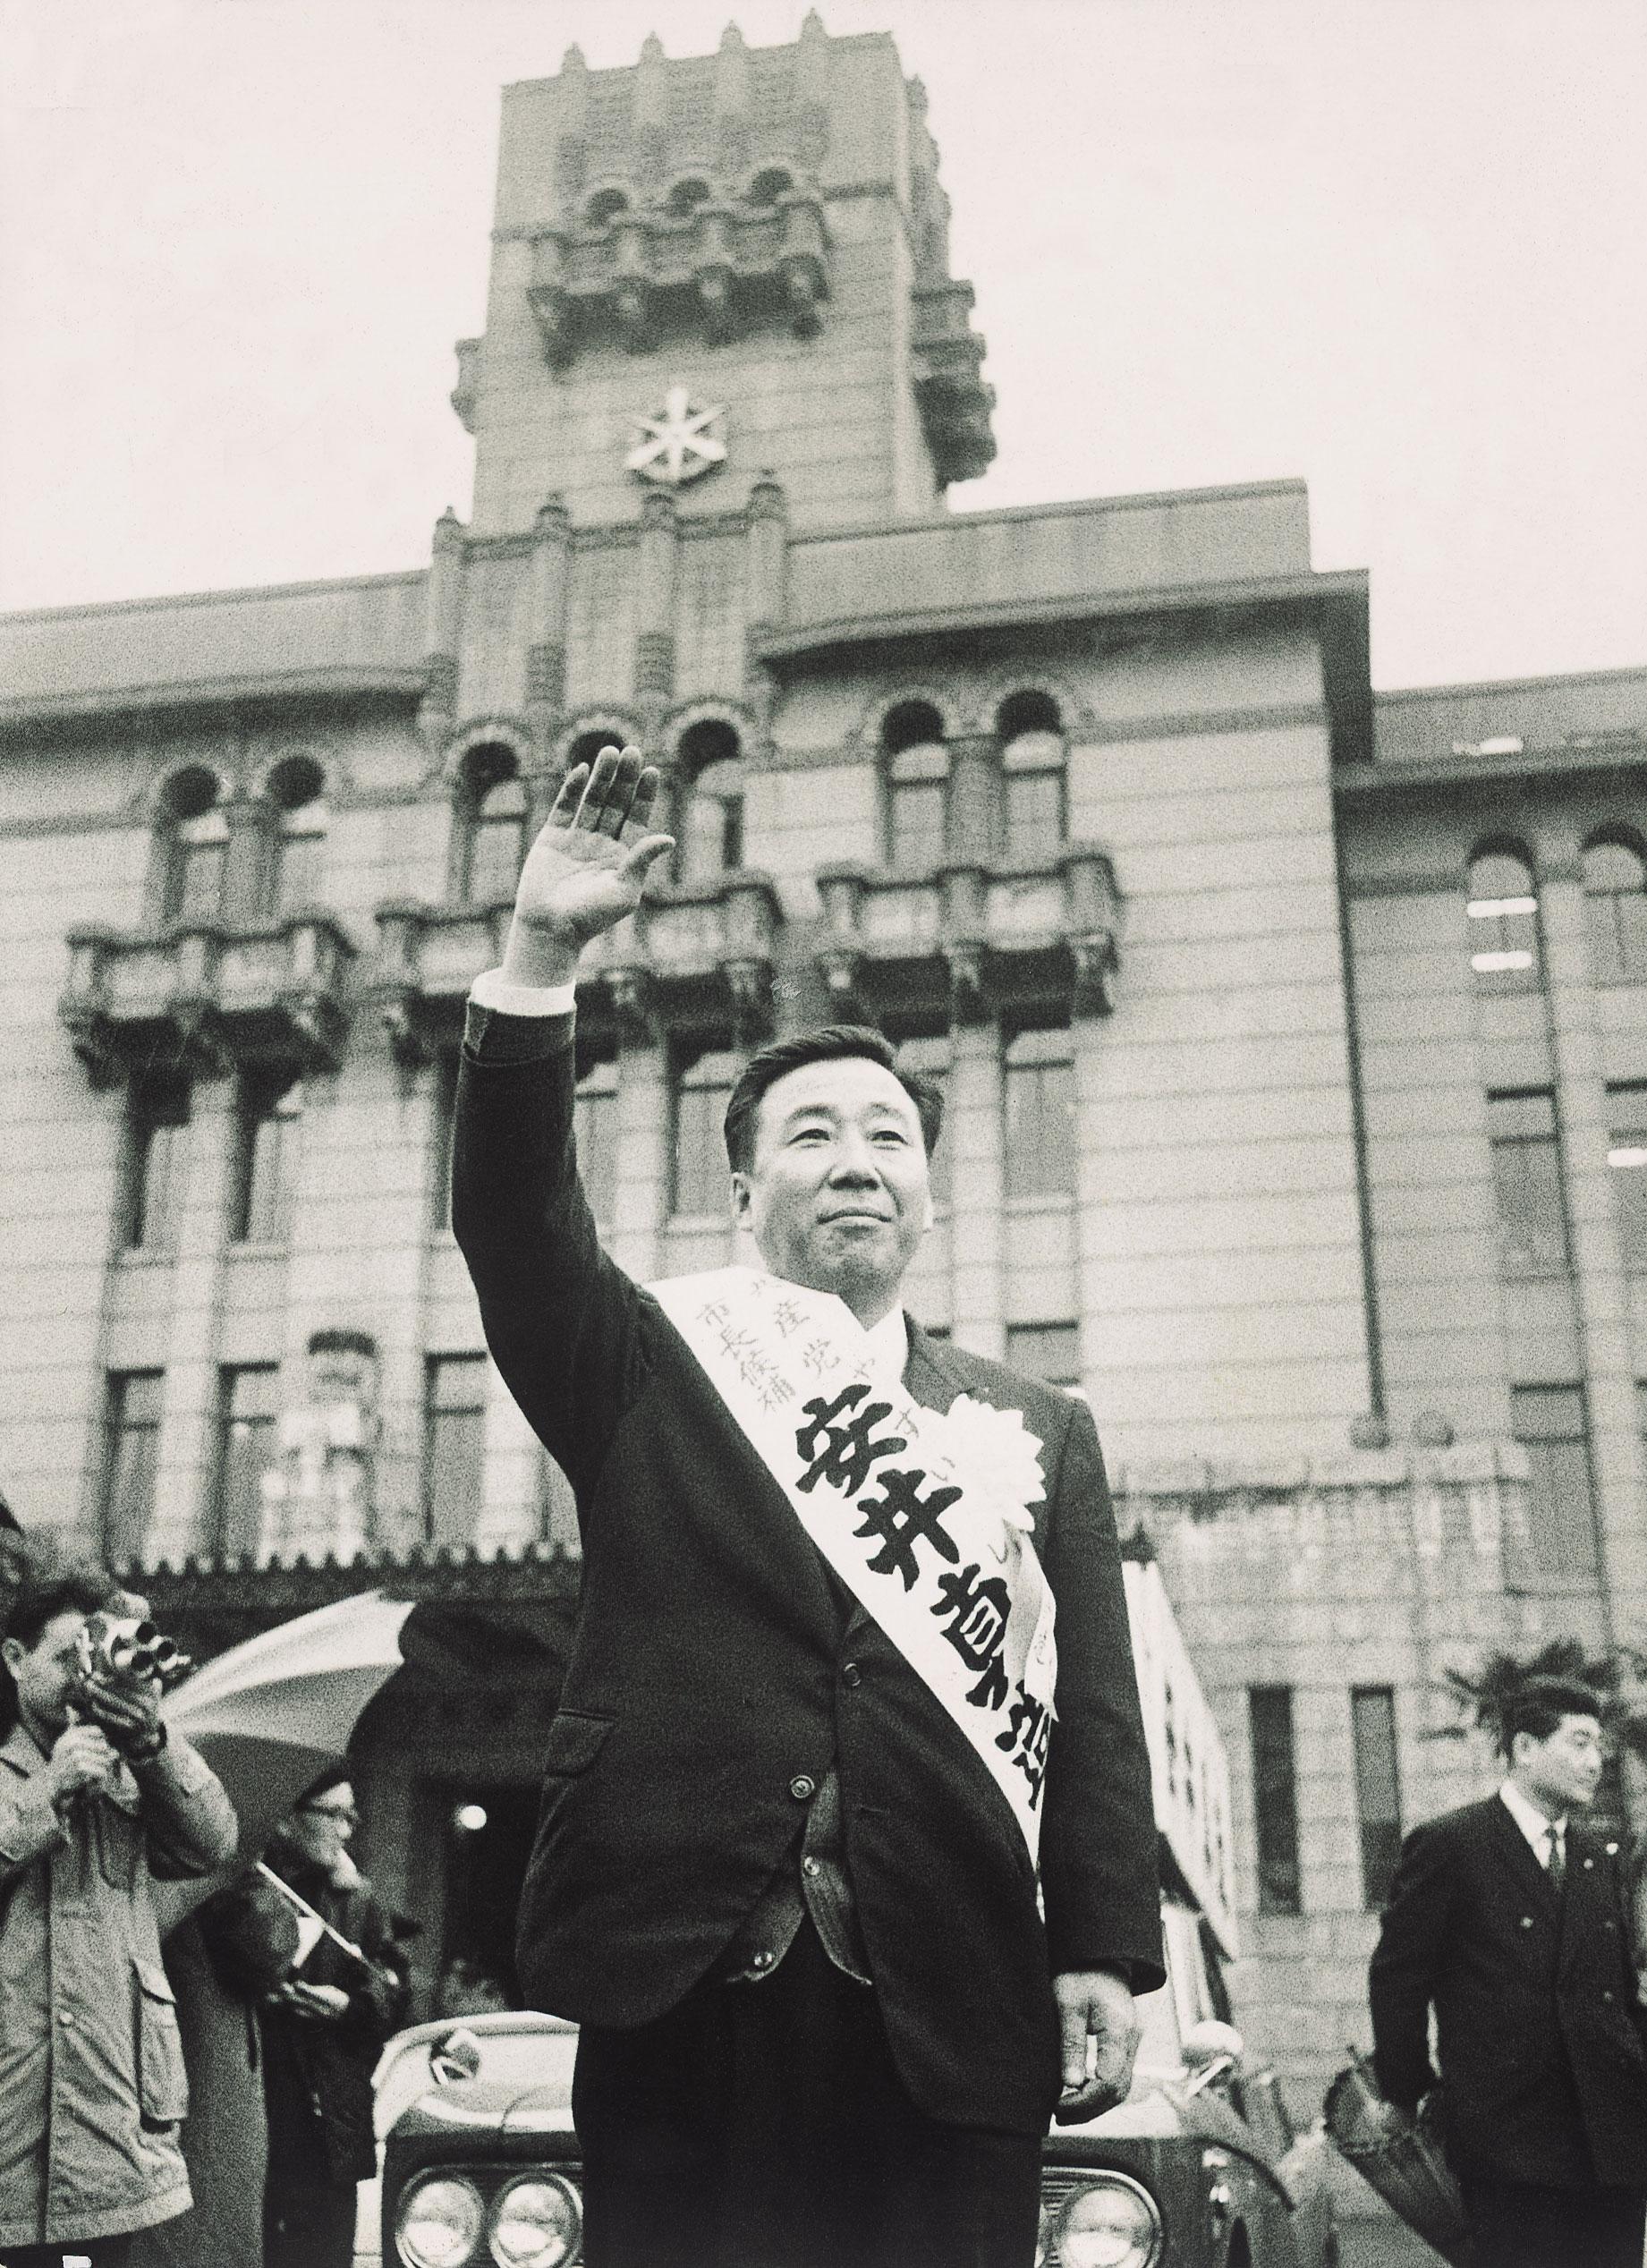 京都市長候補安井真造氏